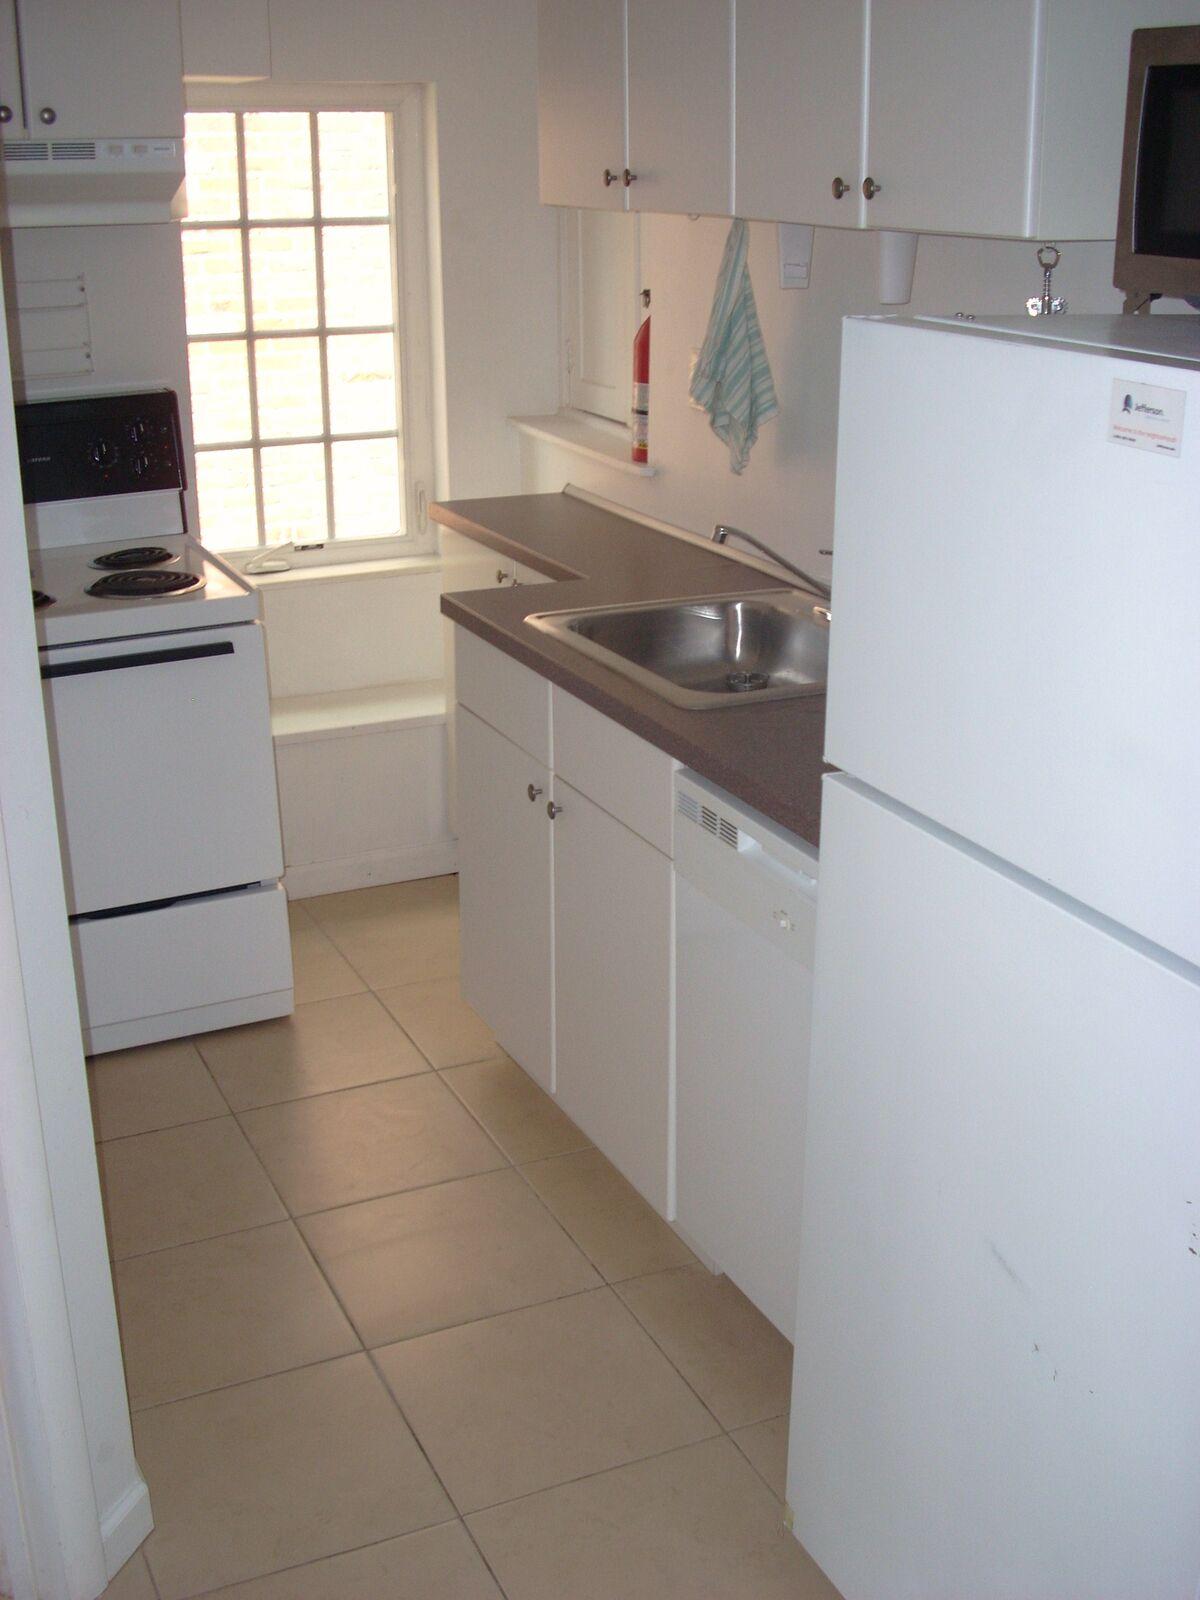 1511 Pine St - Unit 2 Kitchen_preview